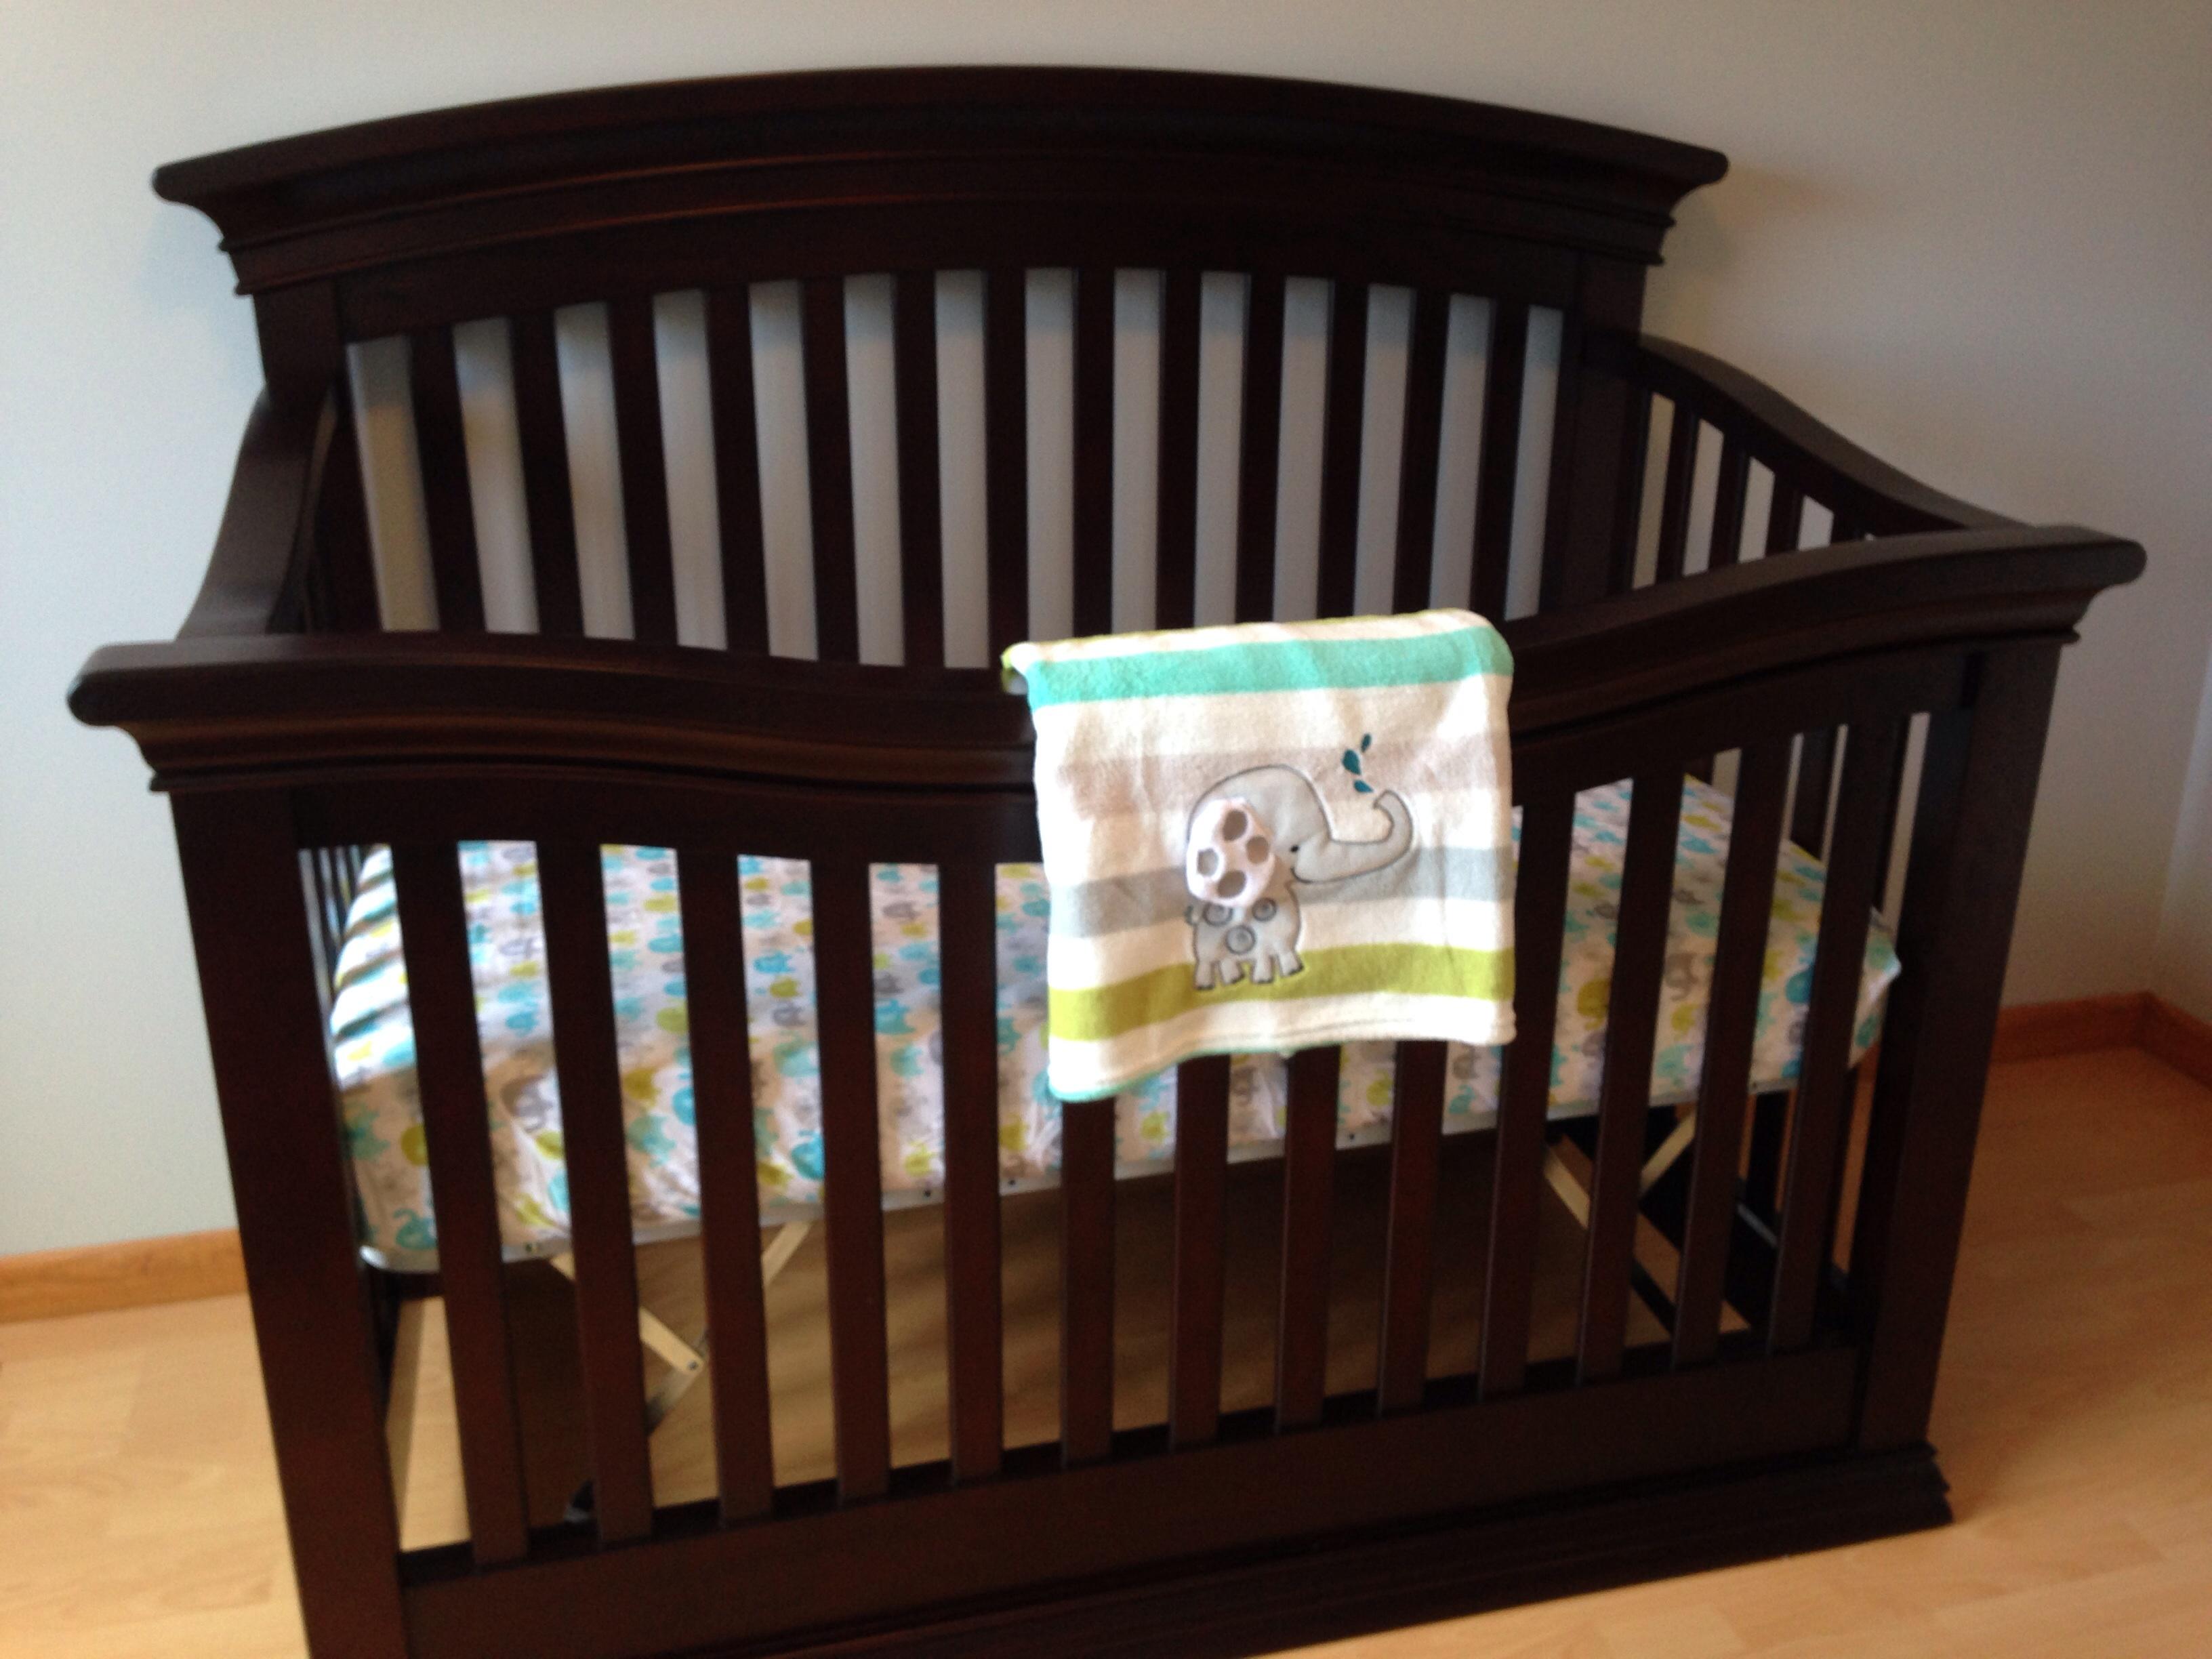 Honest crib for sale - Image Jpg 1 3m